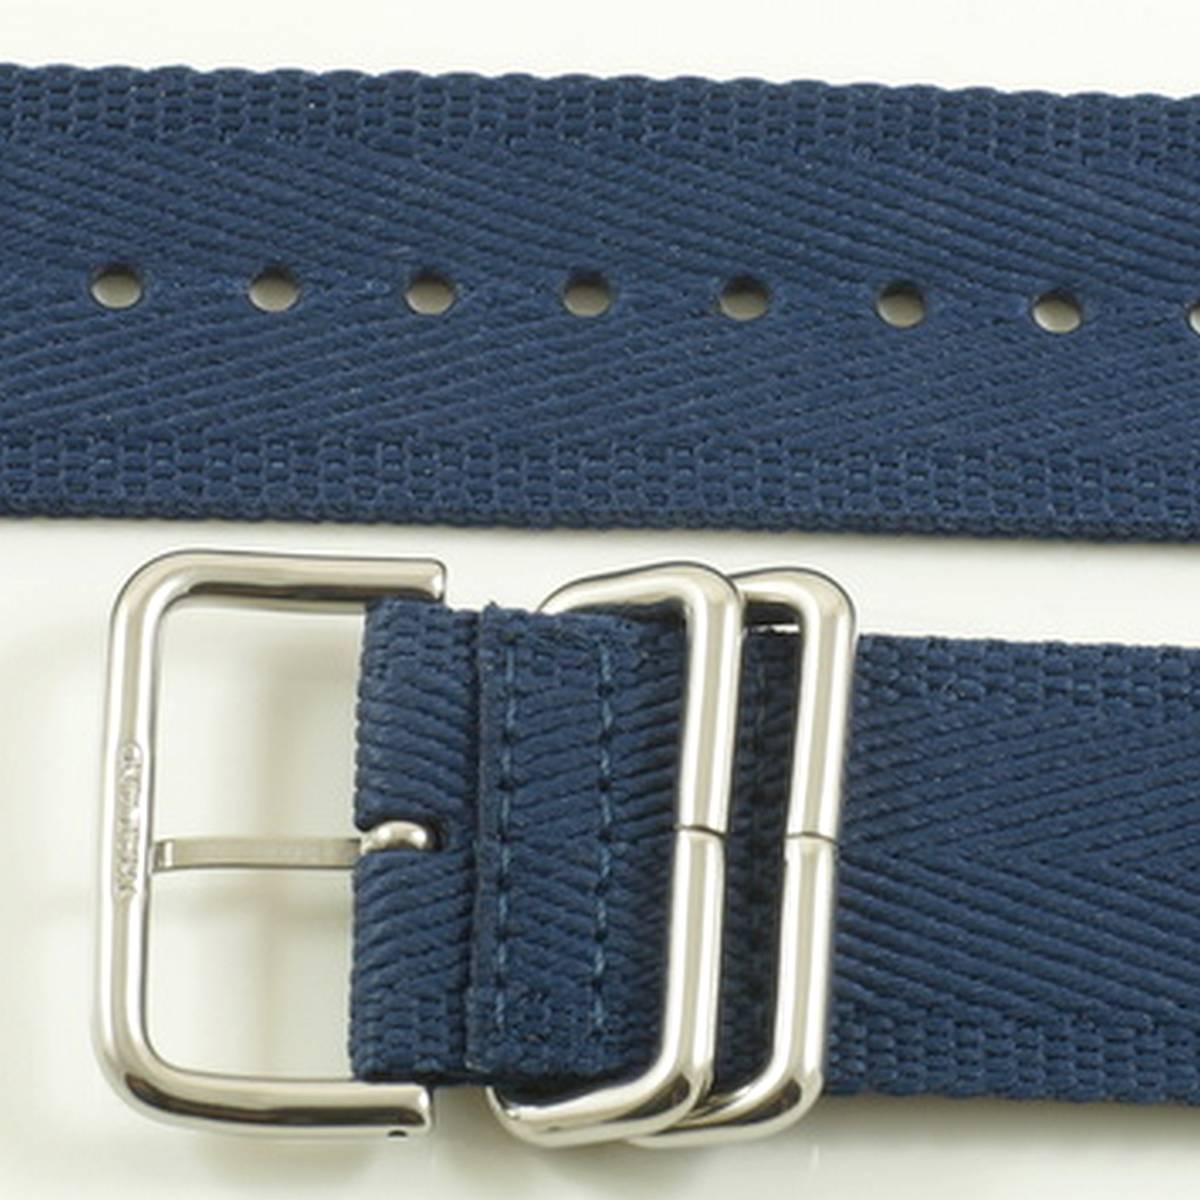 Pulseira Casio Protrek Original PRG-600YB-2 ( 24mm)  Tecido Azul *   - E-Presentes